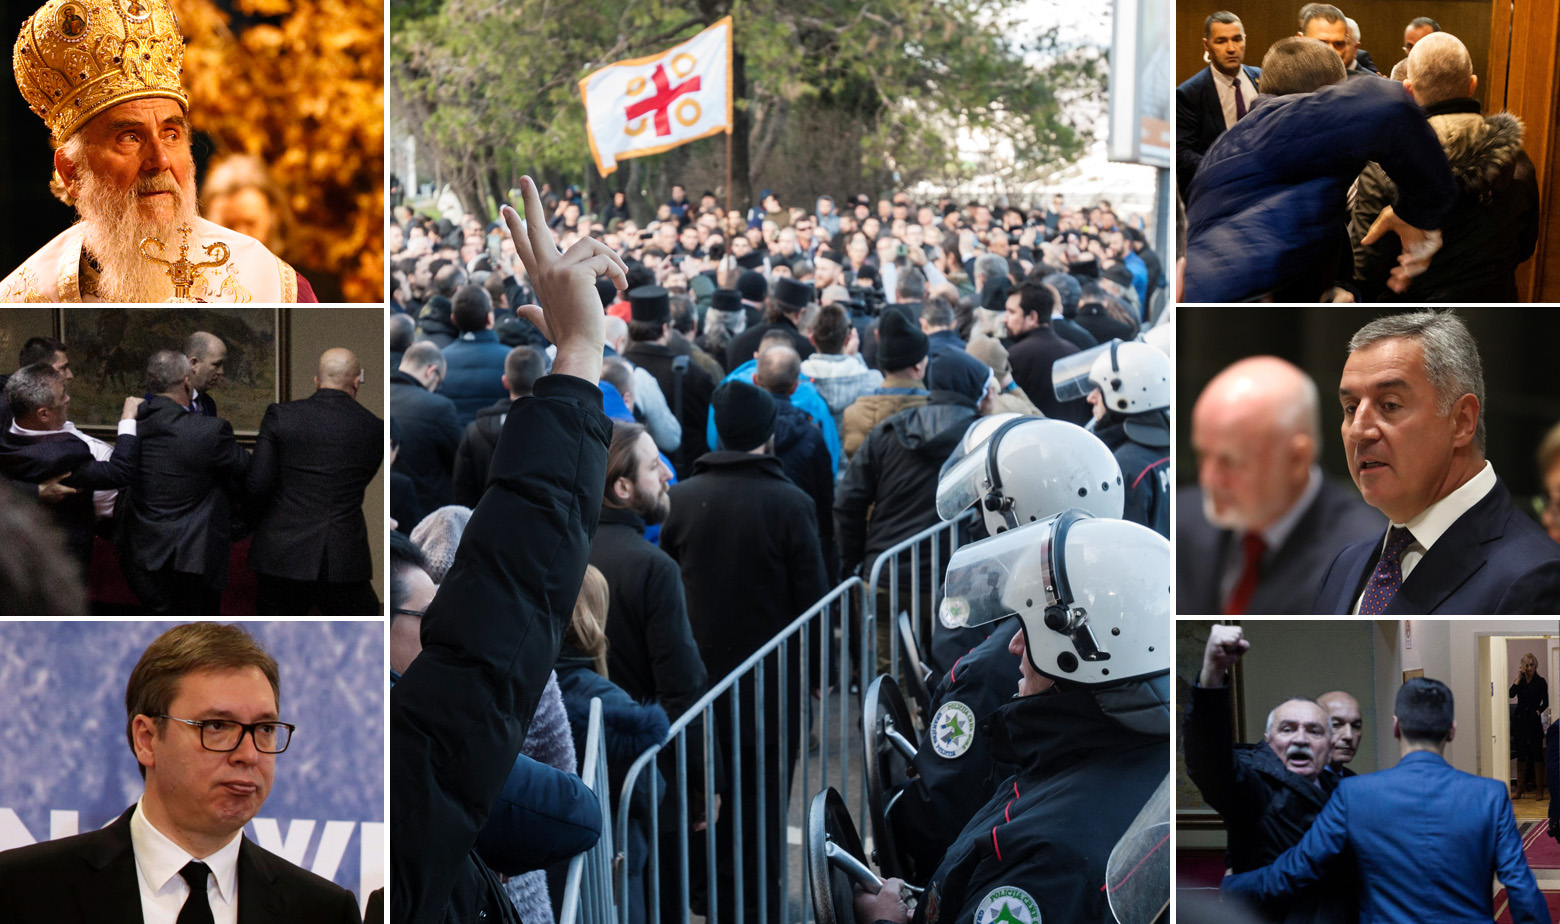 Patrijarh Irinej, Aleksandar Vučić, Milo Đukanović i prosvjedi u Crnoj Gori